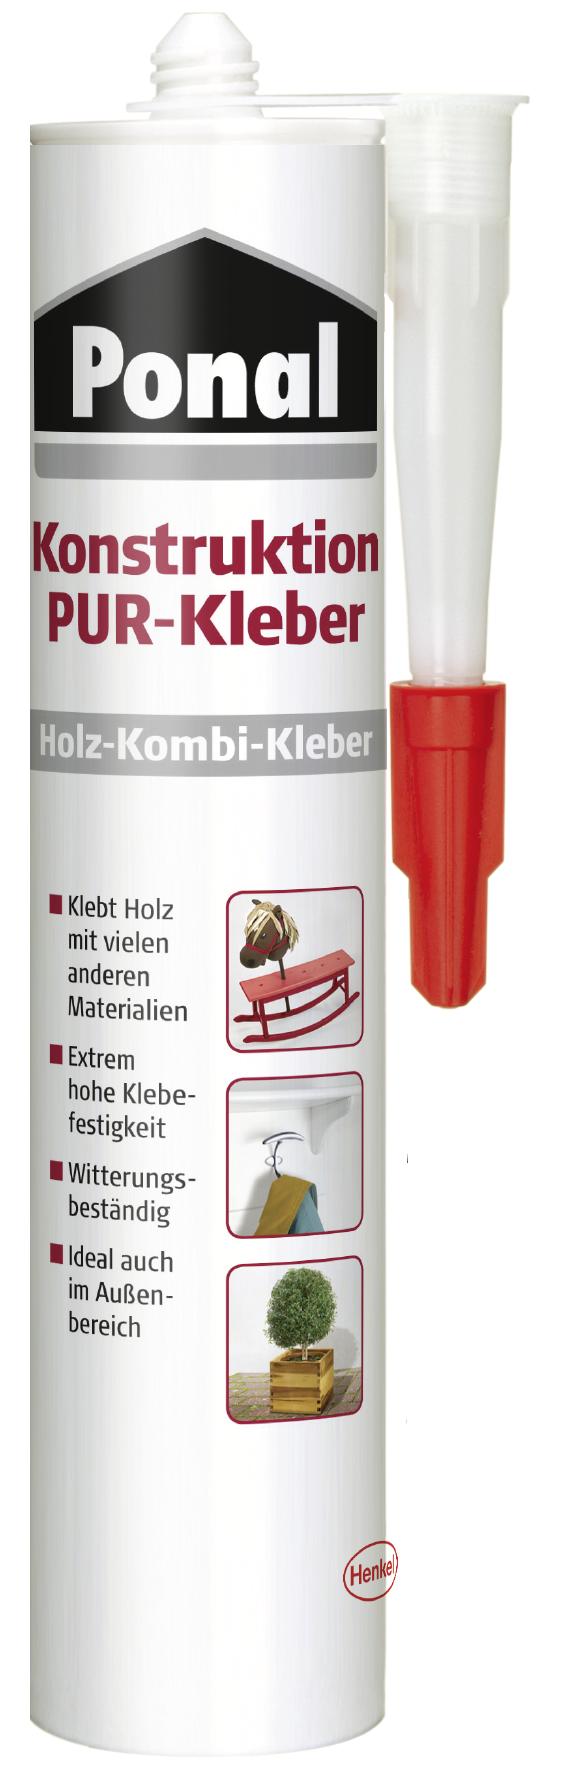 Ponal Konstruktion PUR-Kleber